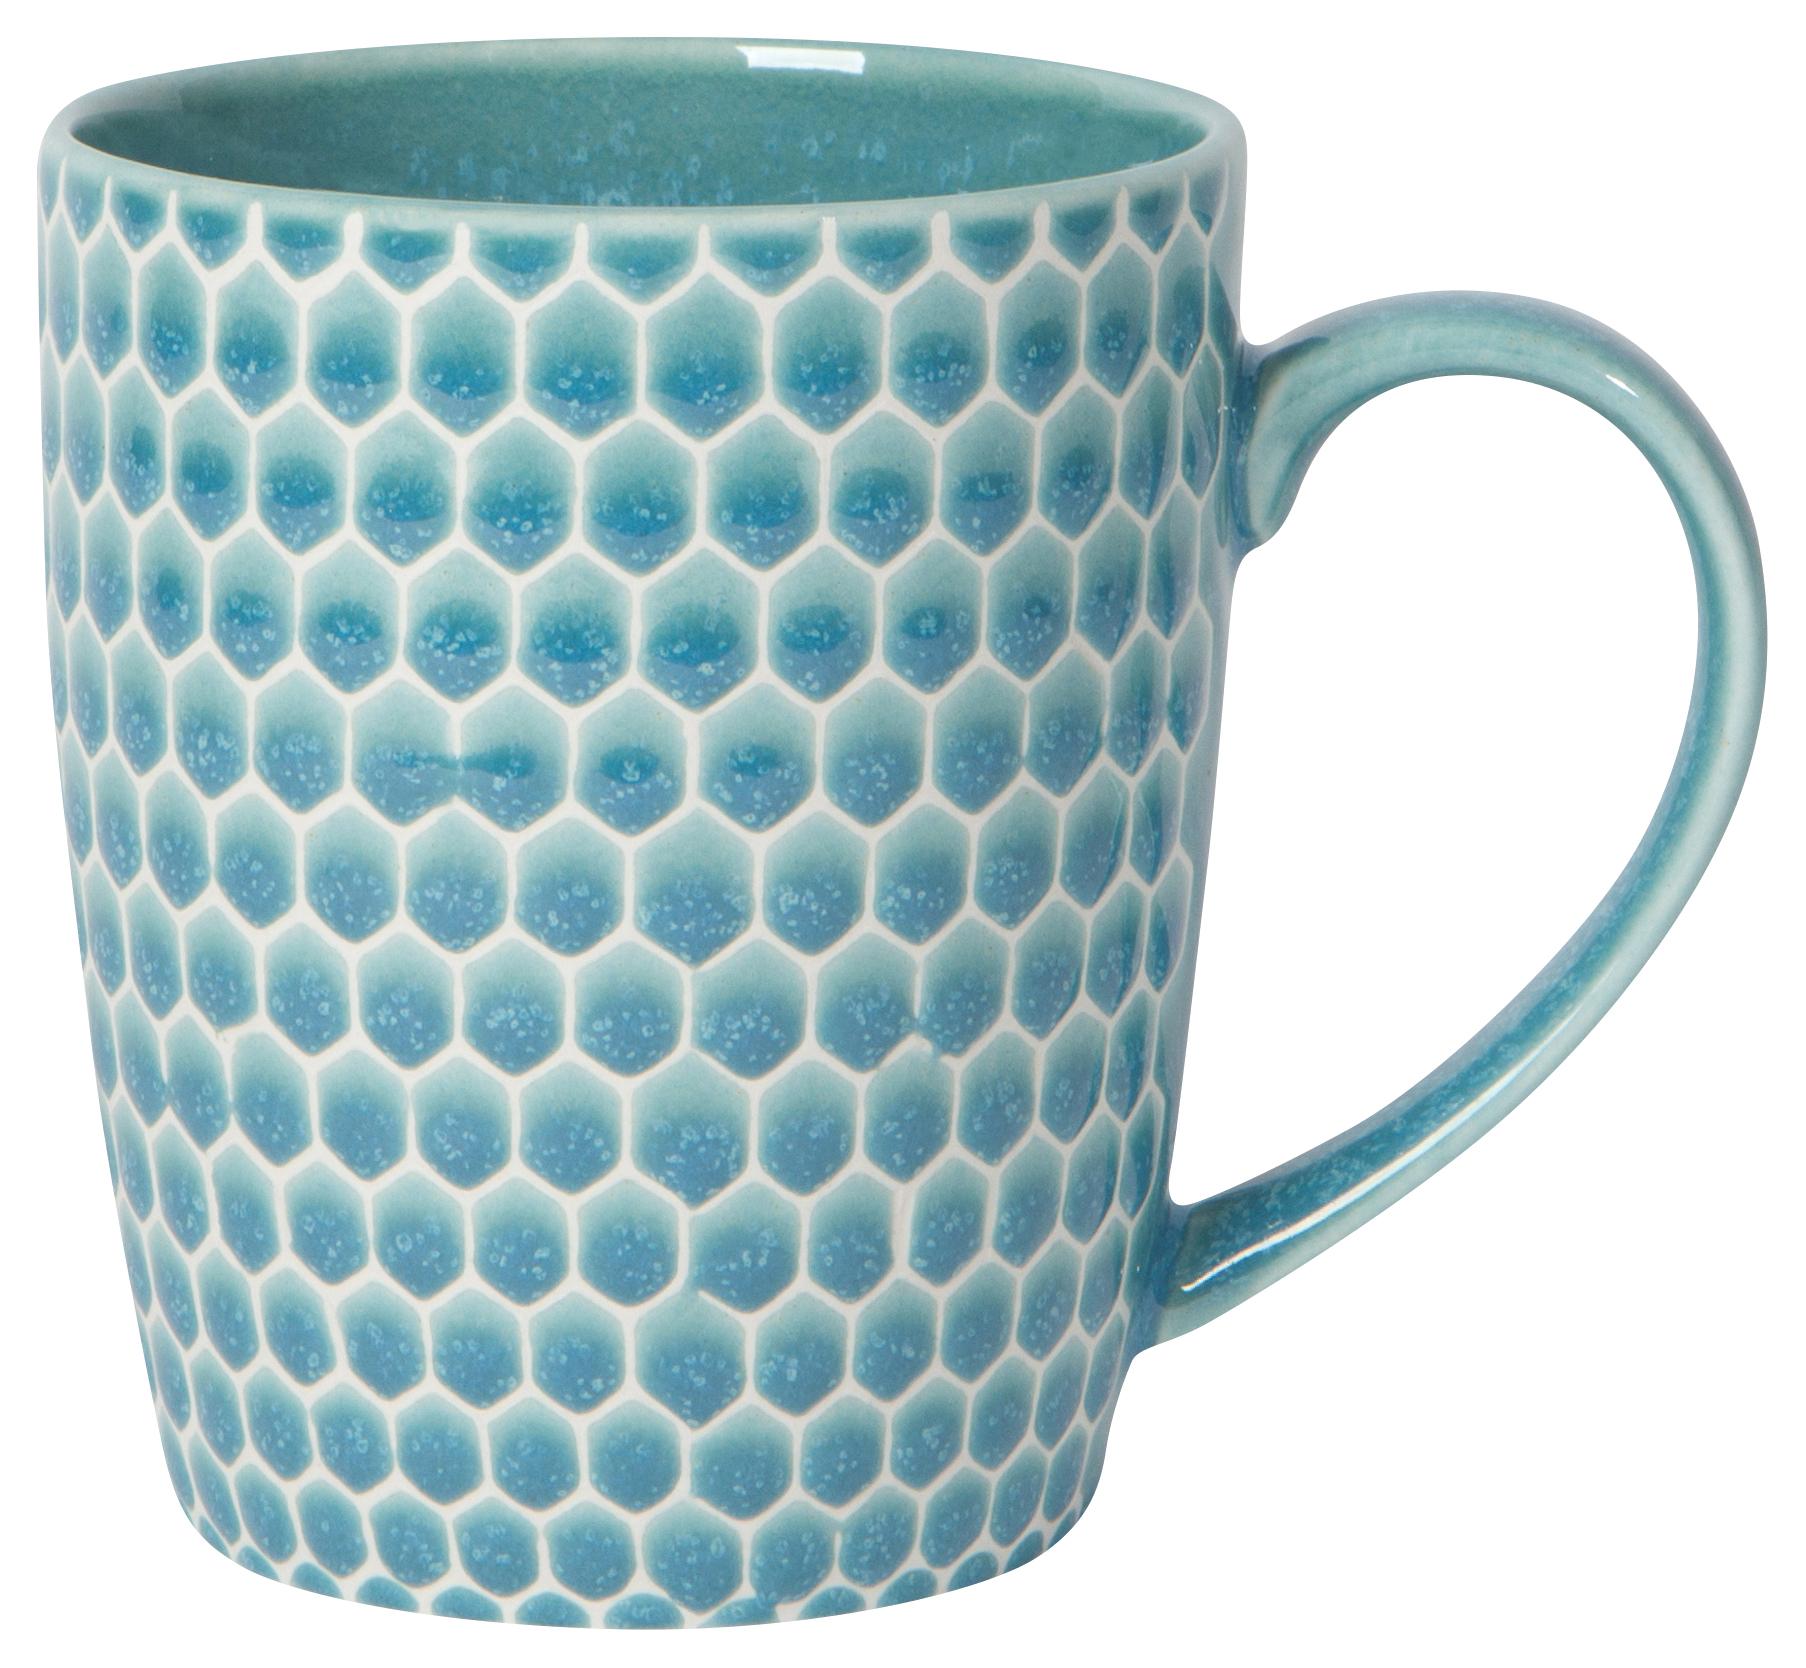 Honeycomb Mug Turquoise